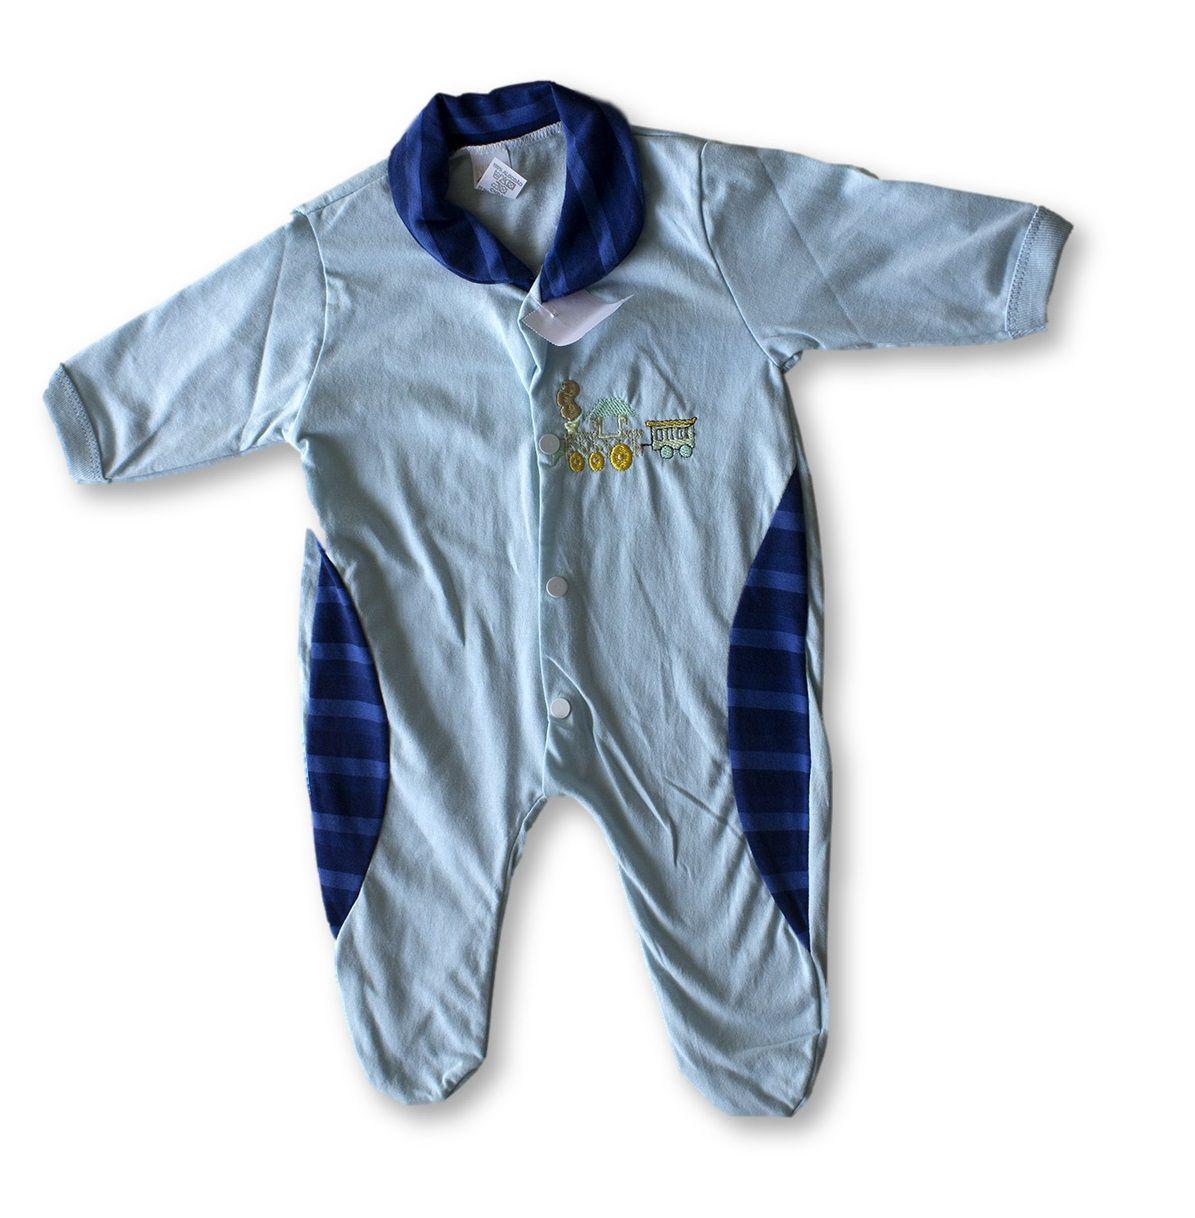 Macacão Bebe Recém Nascido Masculino Bordado Cod 9115